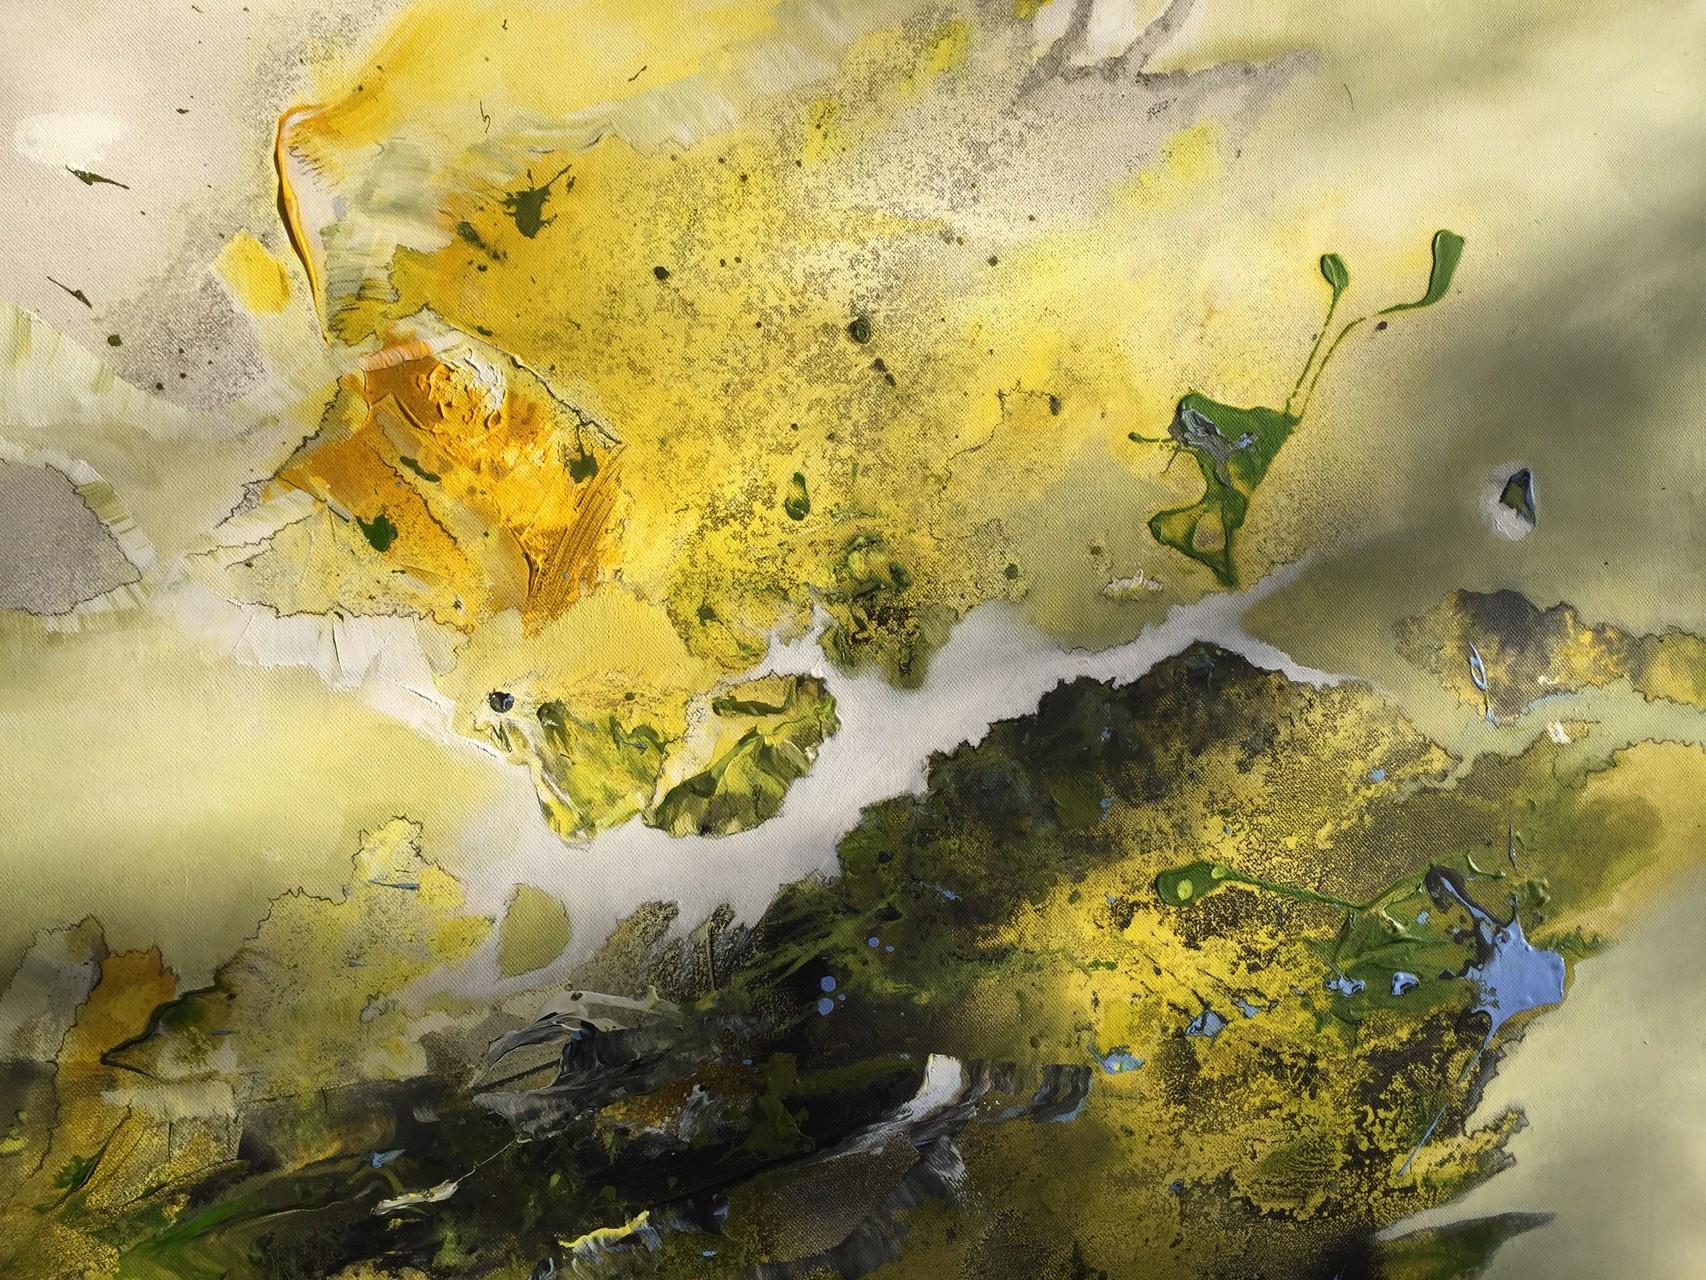 Der Flug der Schmetterlinge, Acryl auf Leinwand, 80 x 60 cm